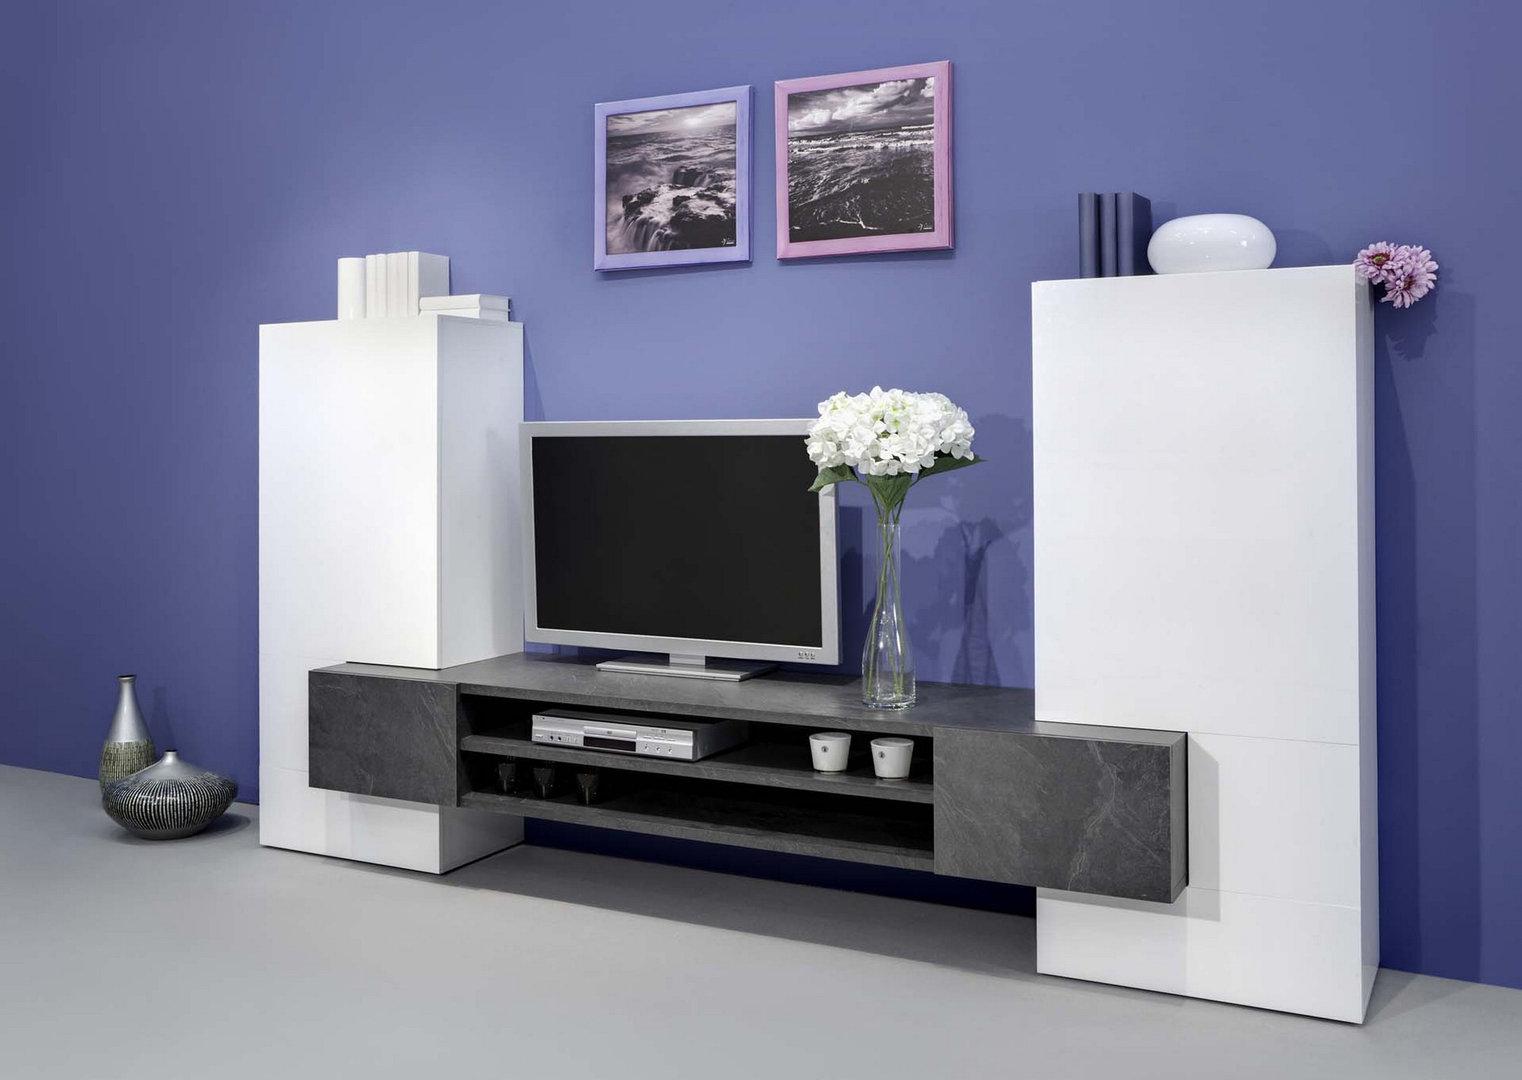 Soggiorno moderno luing jo mobile bianco composizione design for Soggiorno elegante